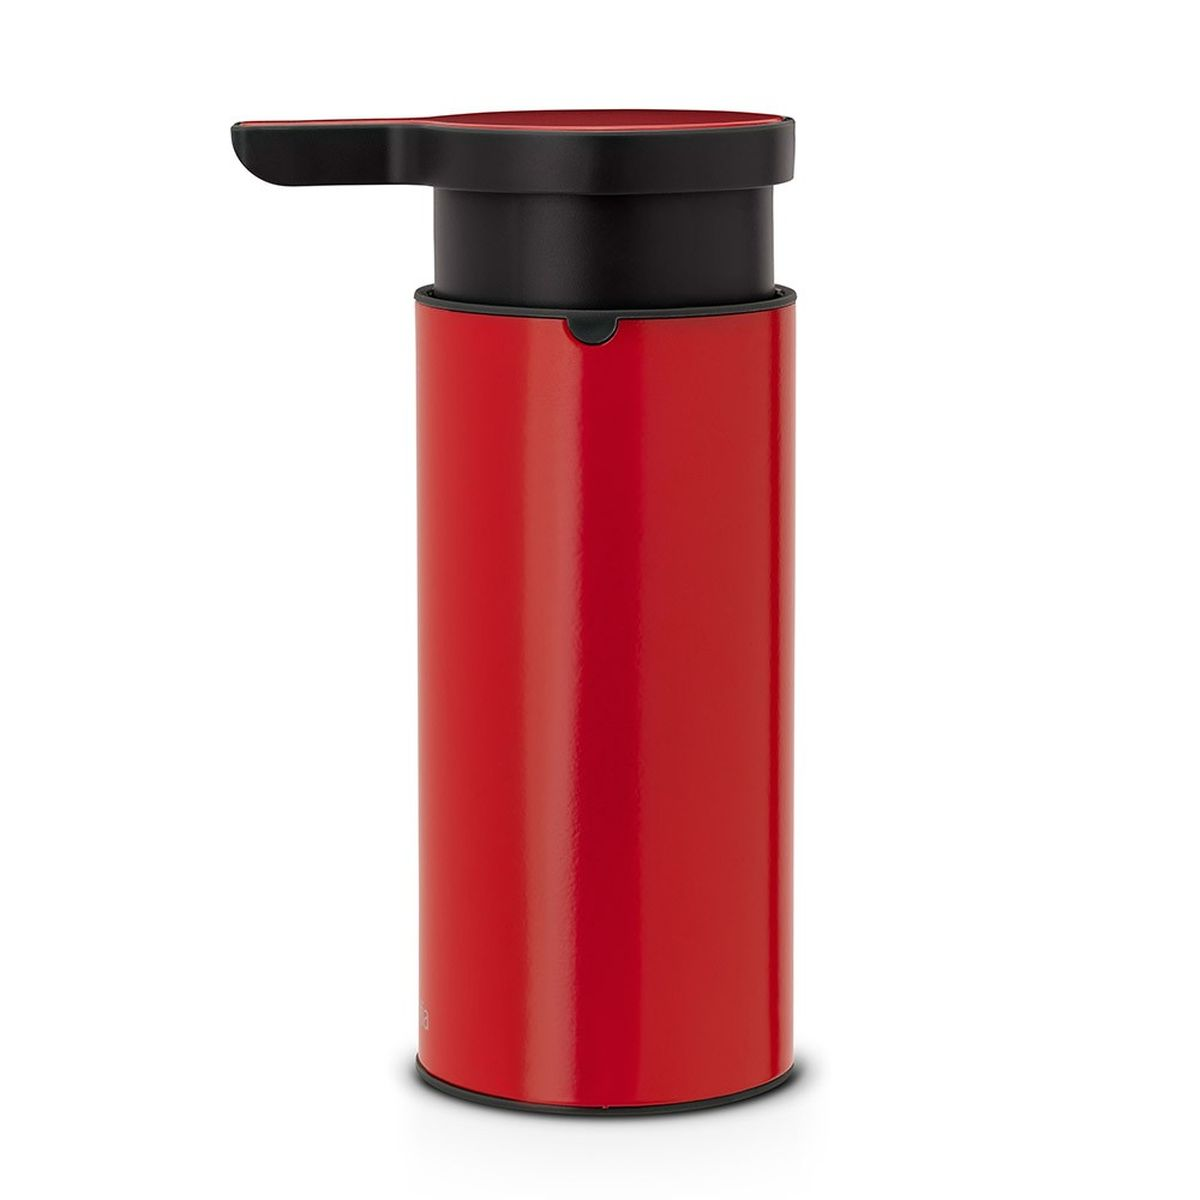 Диспенсер для жидкого мыла Brabantia, цвет: красный106989Стильный аксессуар из коррозионно-стойких материалов по достоинству оценят те, кого заботят вопросы гигиены, и те, для кого важны индивидуальность стиля и красивый дизайн. Красота и функциональность в одном флаконе! И высочайшее качество сверху донизу. Идеальное решение для помещений с повышенной влажностью; Удобное наполнение сверху – широкое отверстие для заправки; Может использоваться для шампуней, лосьонов и т.п.; Перед заправкой дозатора заполните емкость горячей водой и проведите очистку насосного механизма, несколько раз прокачав дозатор; Легко разбирается для проведения тщательной очистки; Широкое основание с противоскользящими свойствами обеспечивает отличную устойчивость; 10 лет гарантии Brabantia.